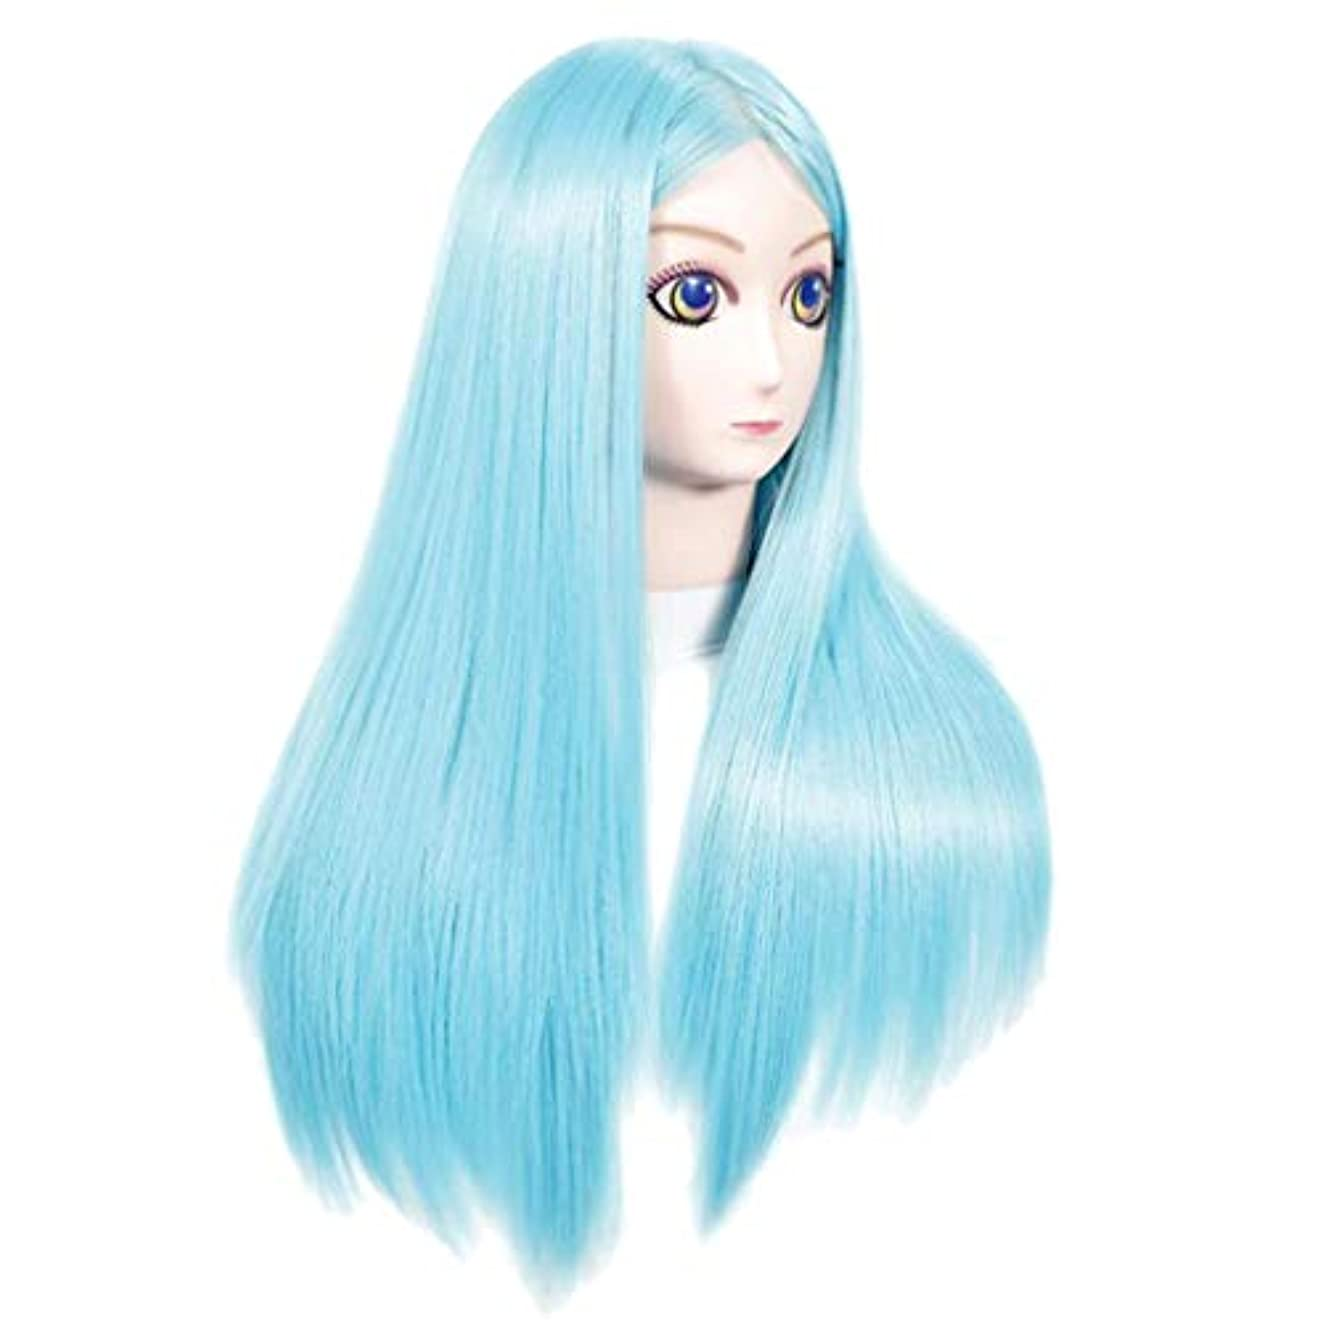 ライフルフリッパー考案するマネキンヘッド ウィッグ 合成かつら 理髪実践 トレーニング 練習スタンド 全2色 - ライトブルー